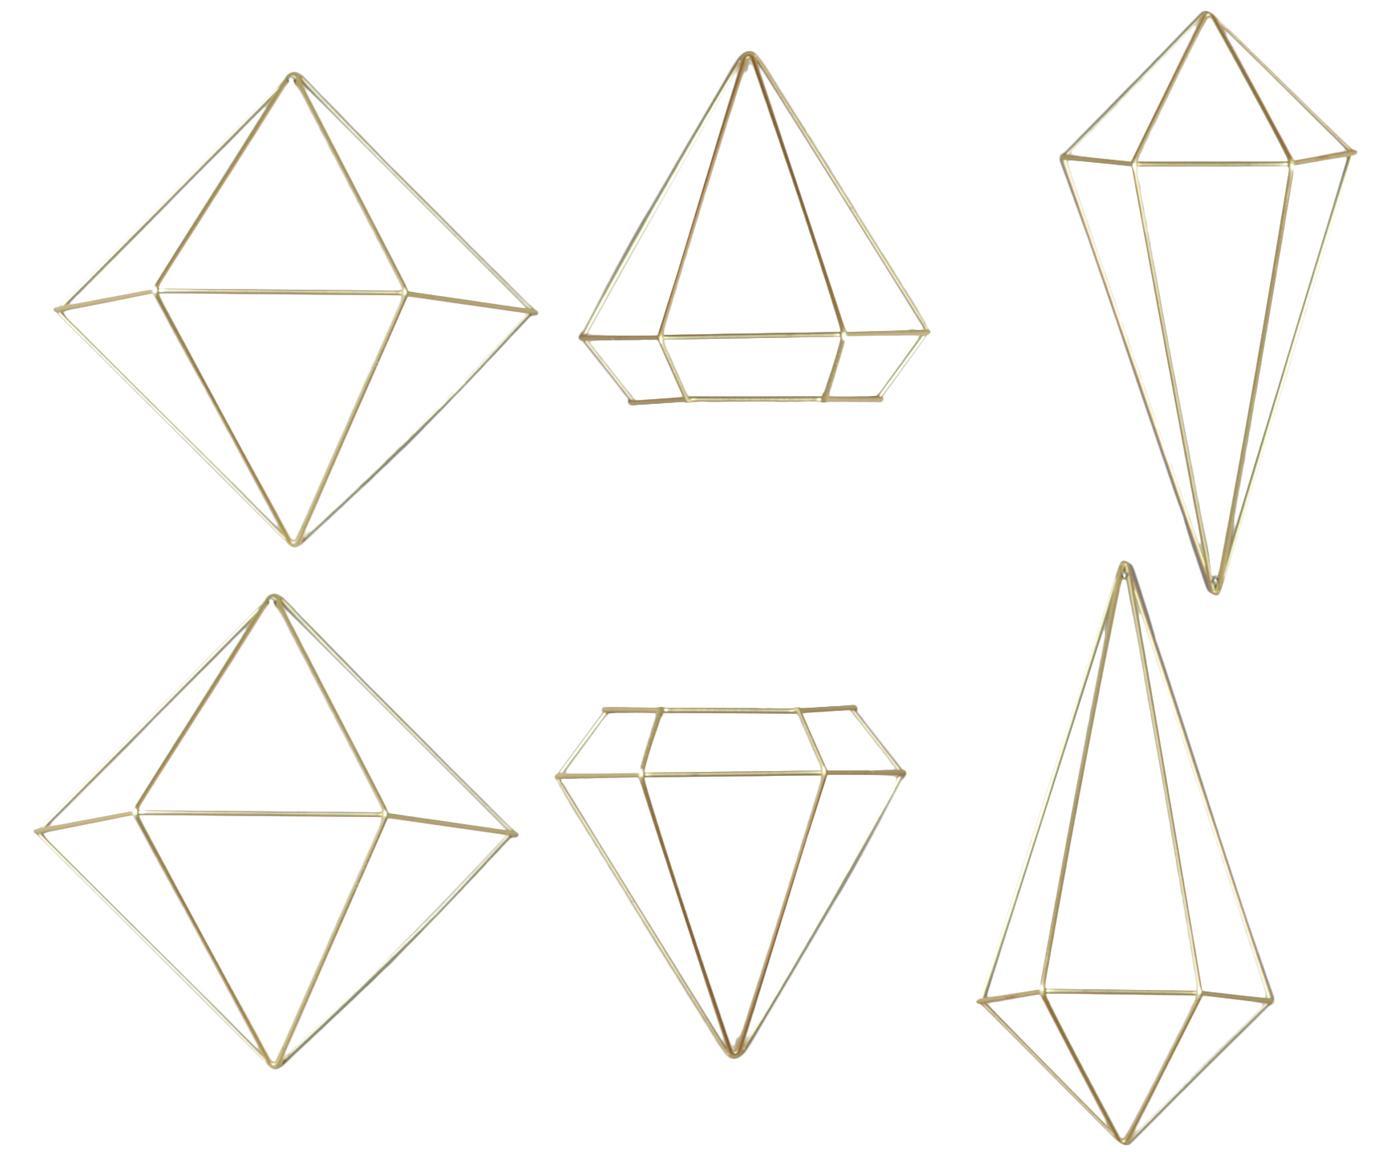 Wandobjectenset Prisma van gelakt metaal, 6-delig, Gelakt metaal, Messingkleurig, Verschillende formaten